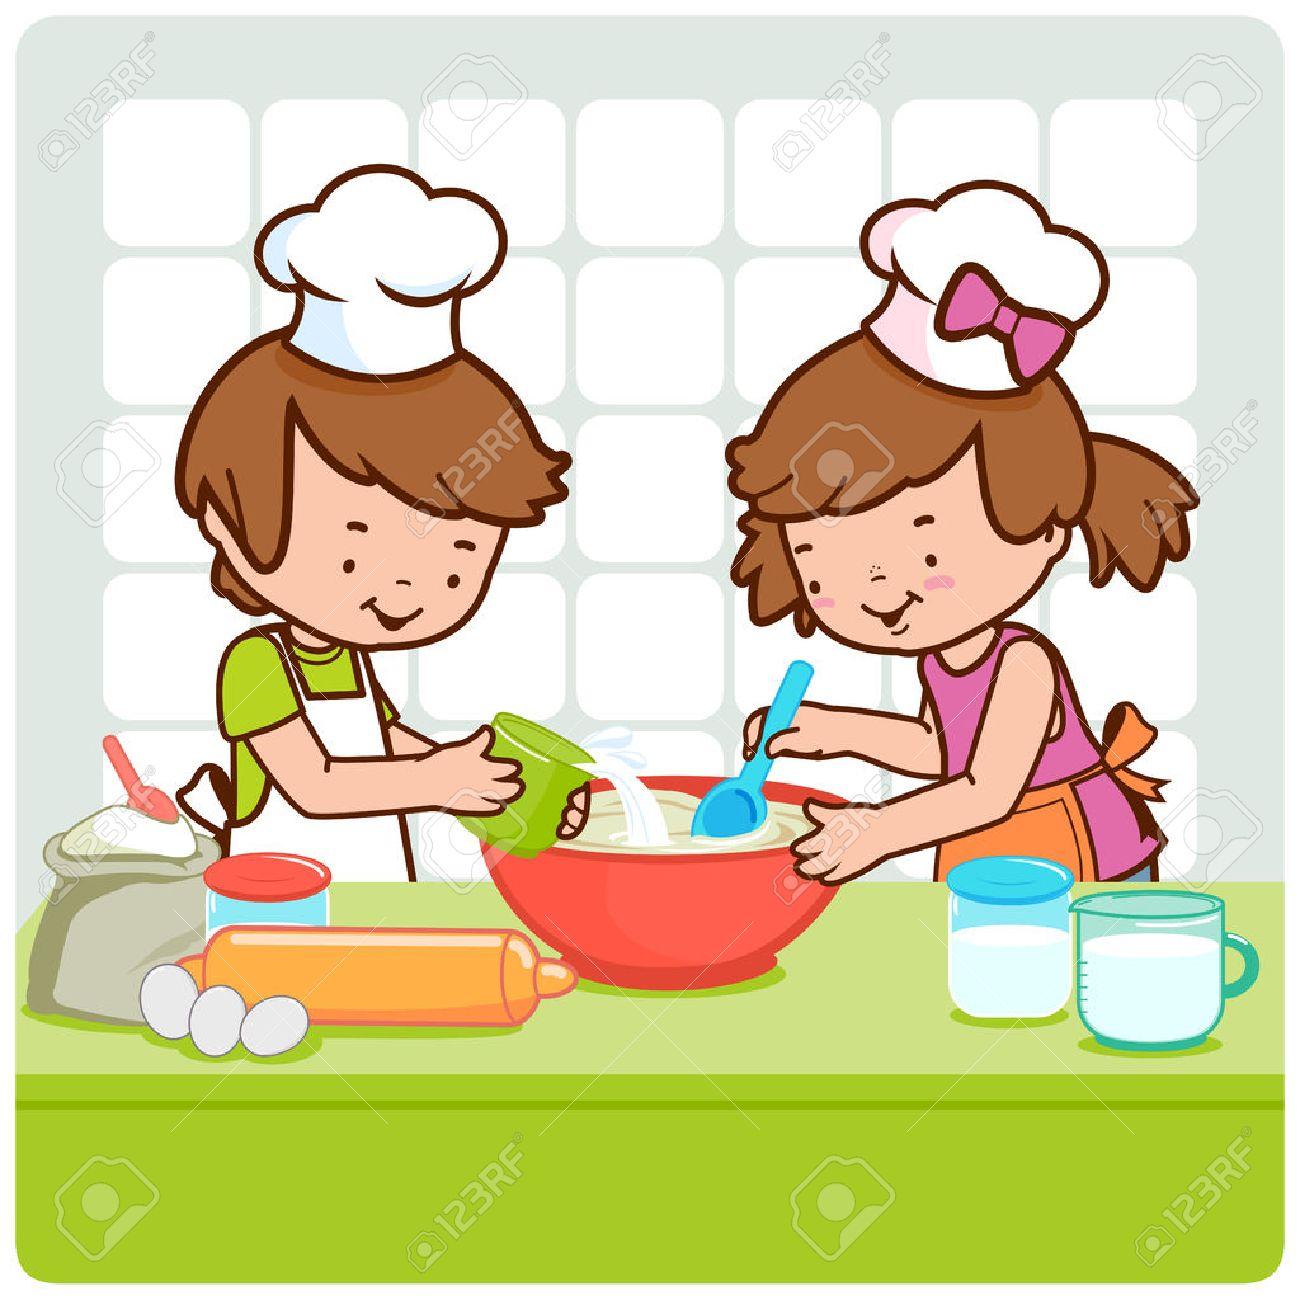 Children cooking in the kitchen - 46619853